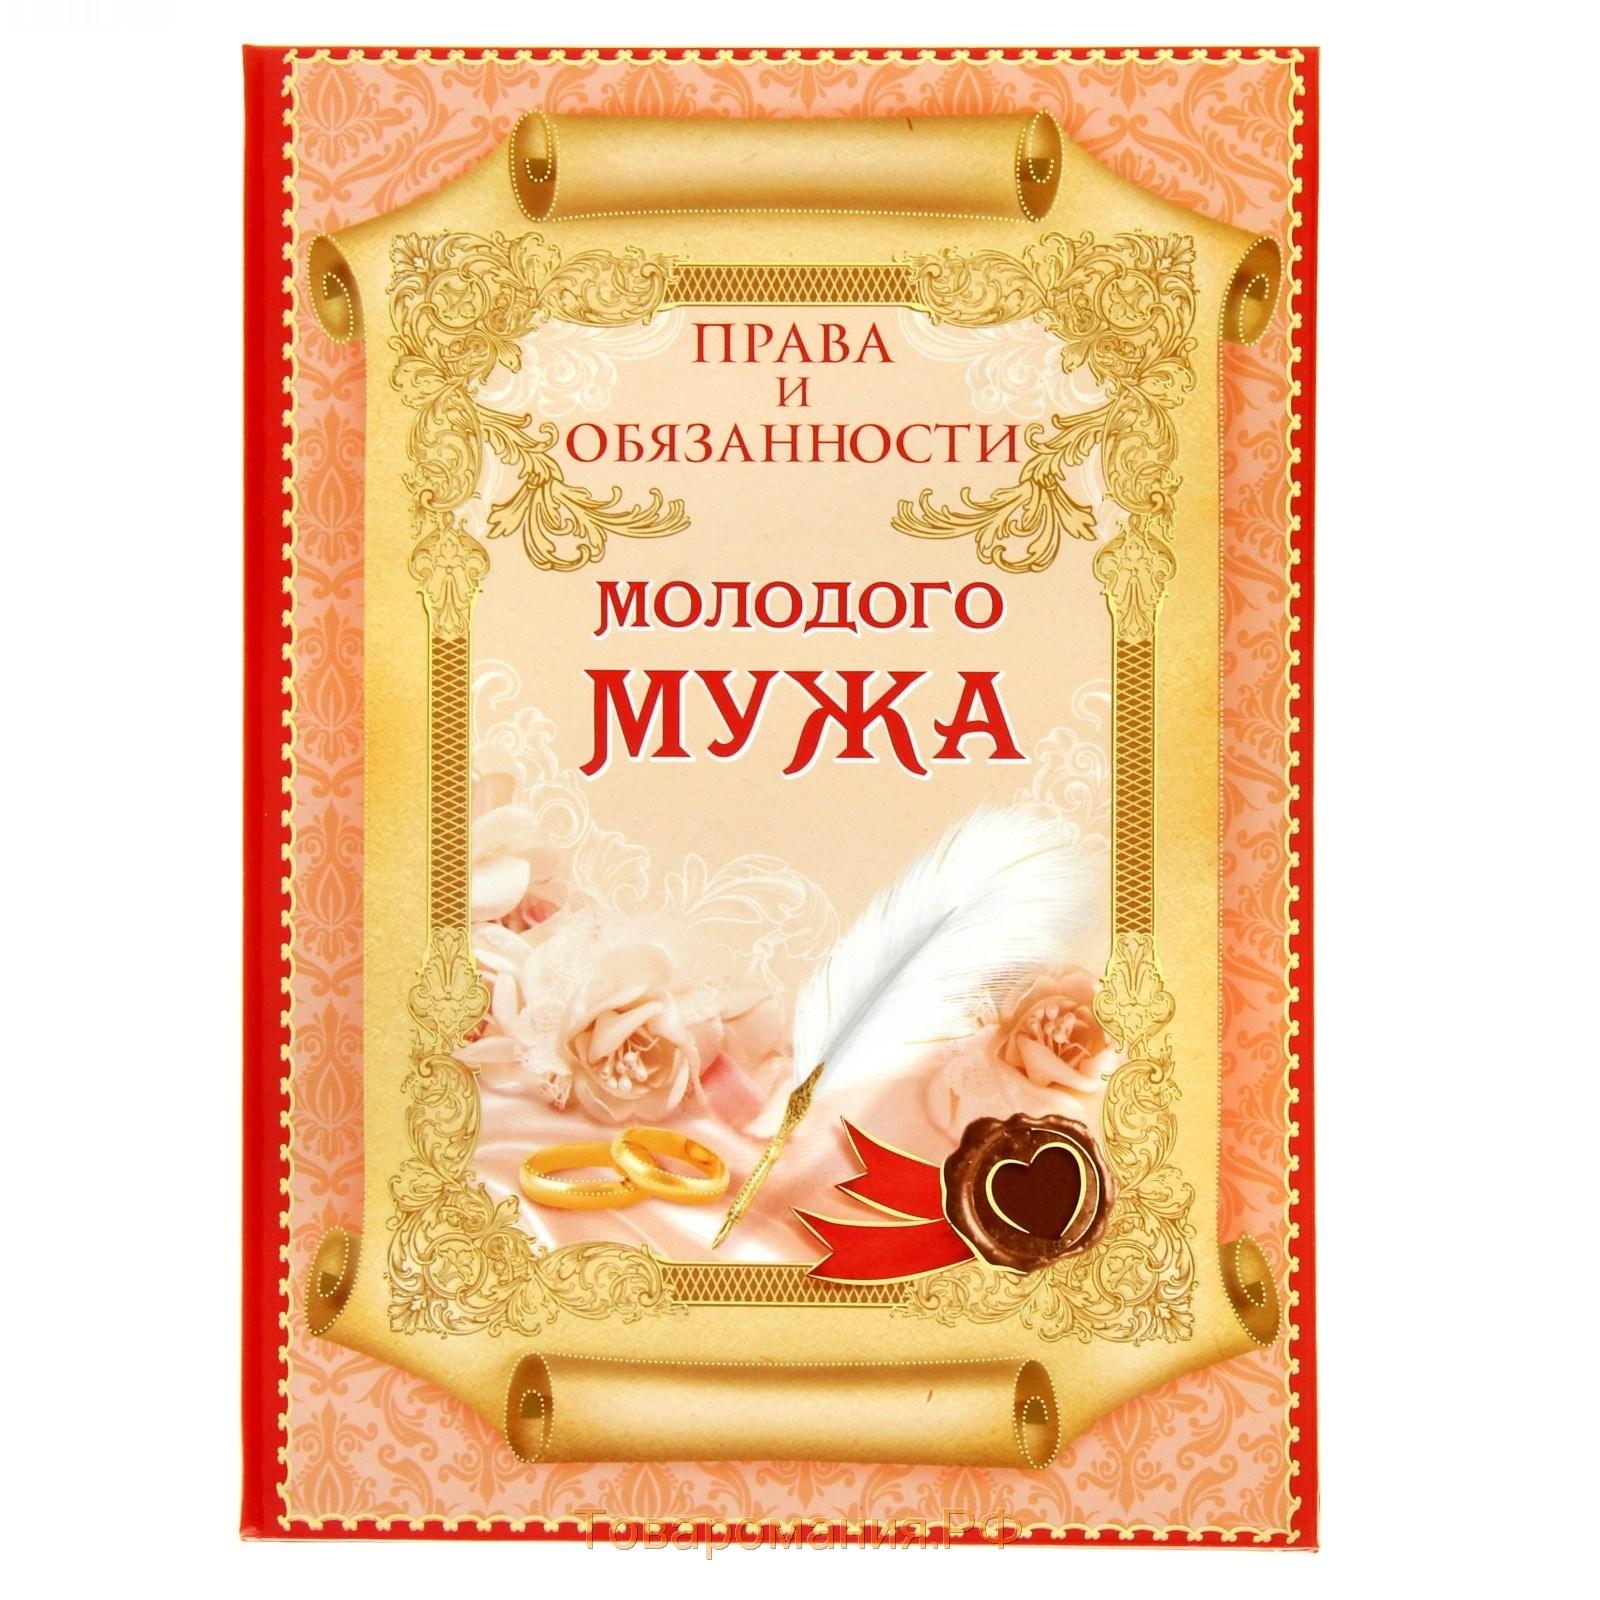 Печать грамот и дипломов для мужа в Москве | фото 5